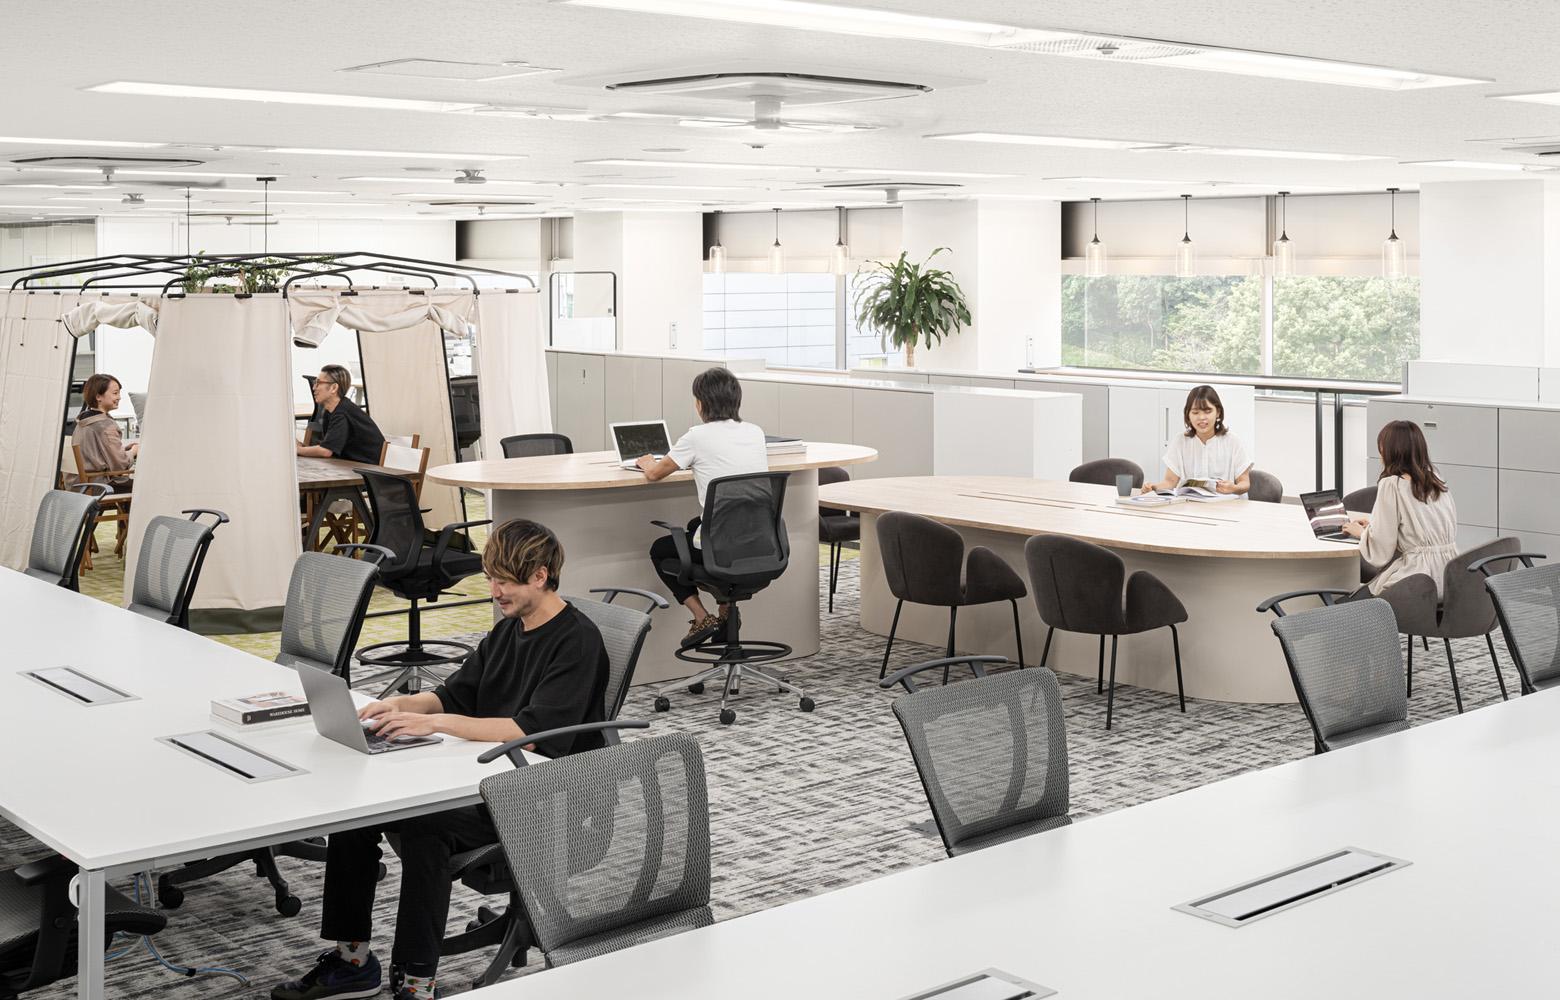 味の素株式会社 Open Office_6 デザイン・レイアウト事例